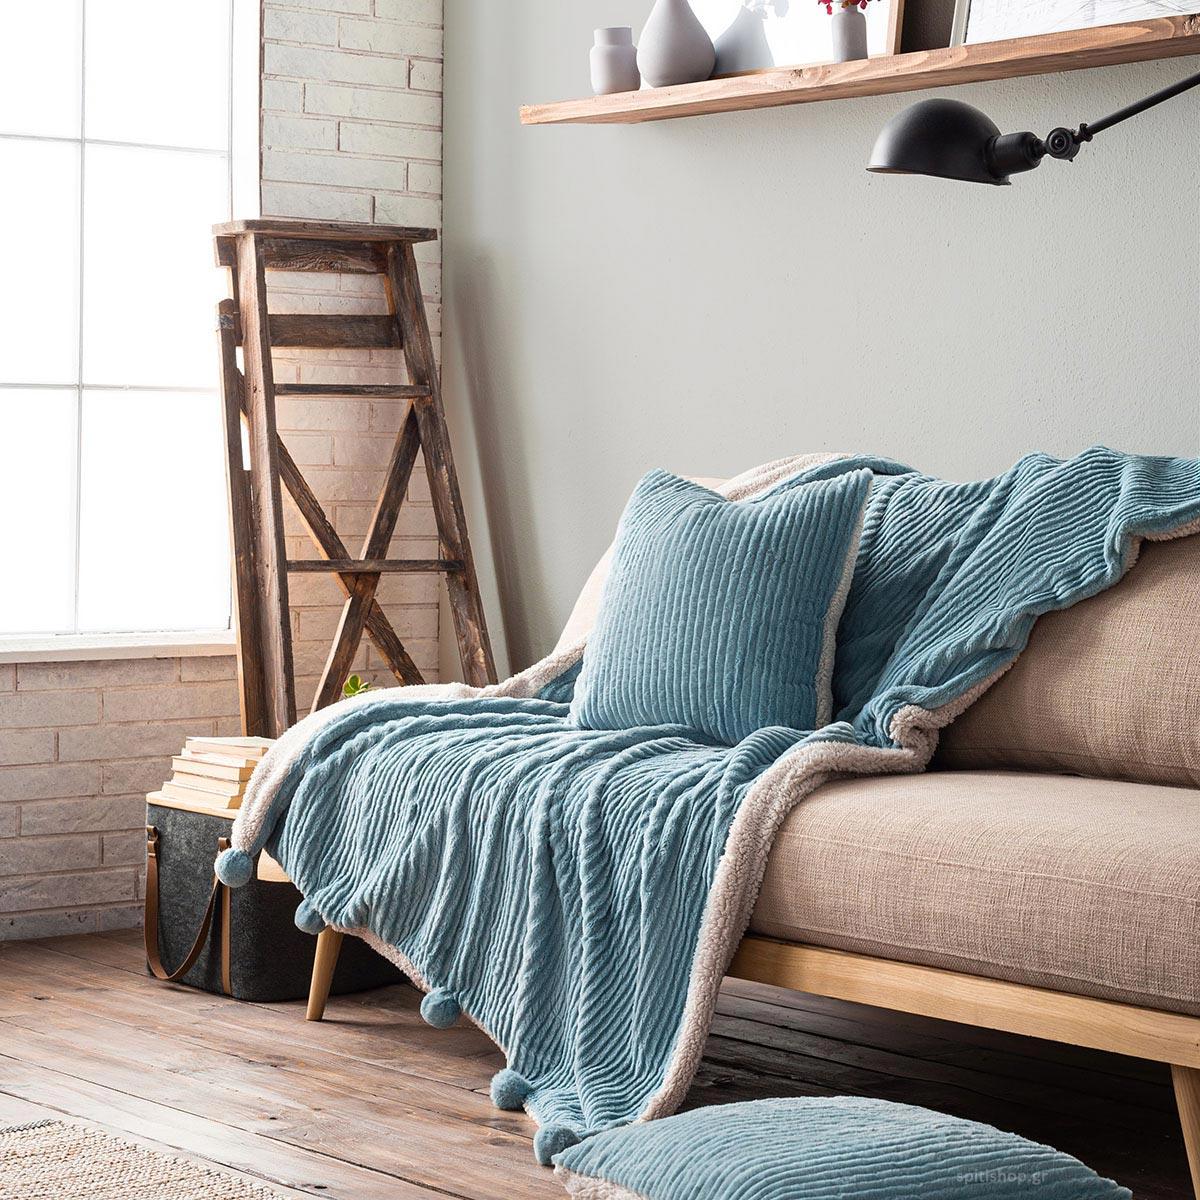 Κουβέρτα Καναπέ Gofis Home Softy Ciel 478/01